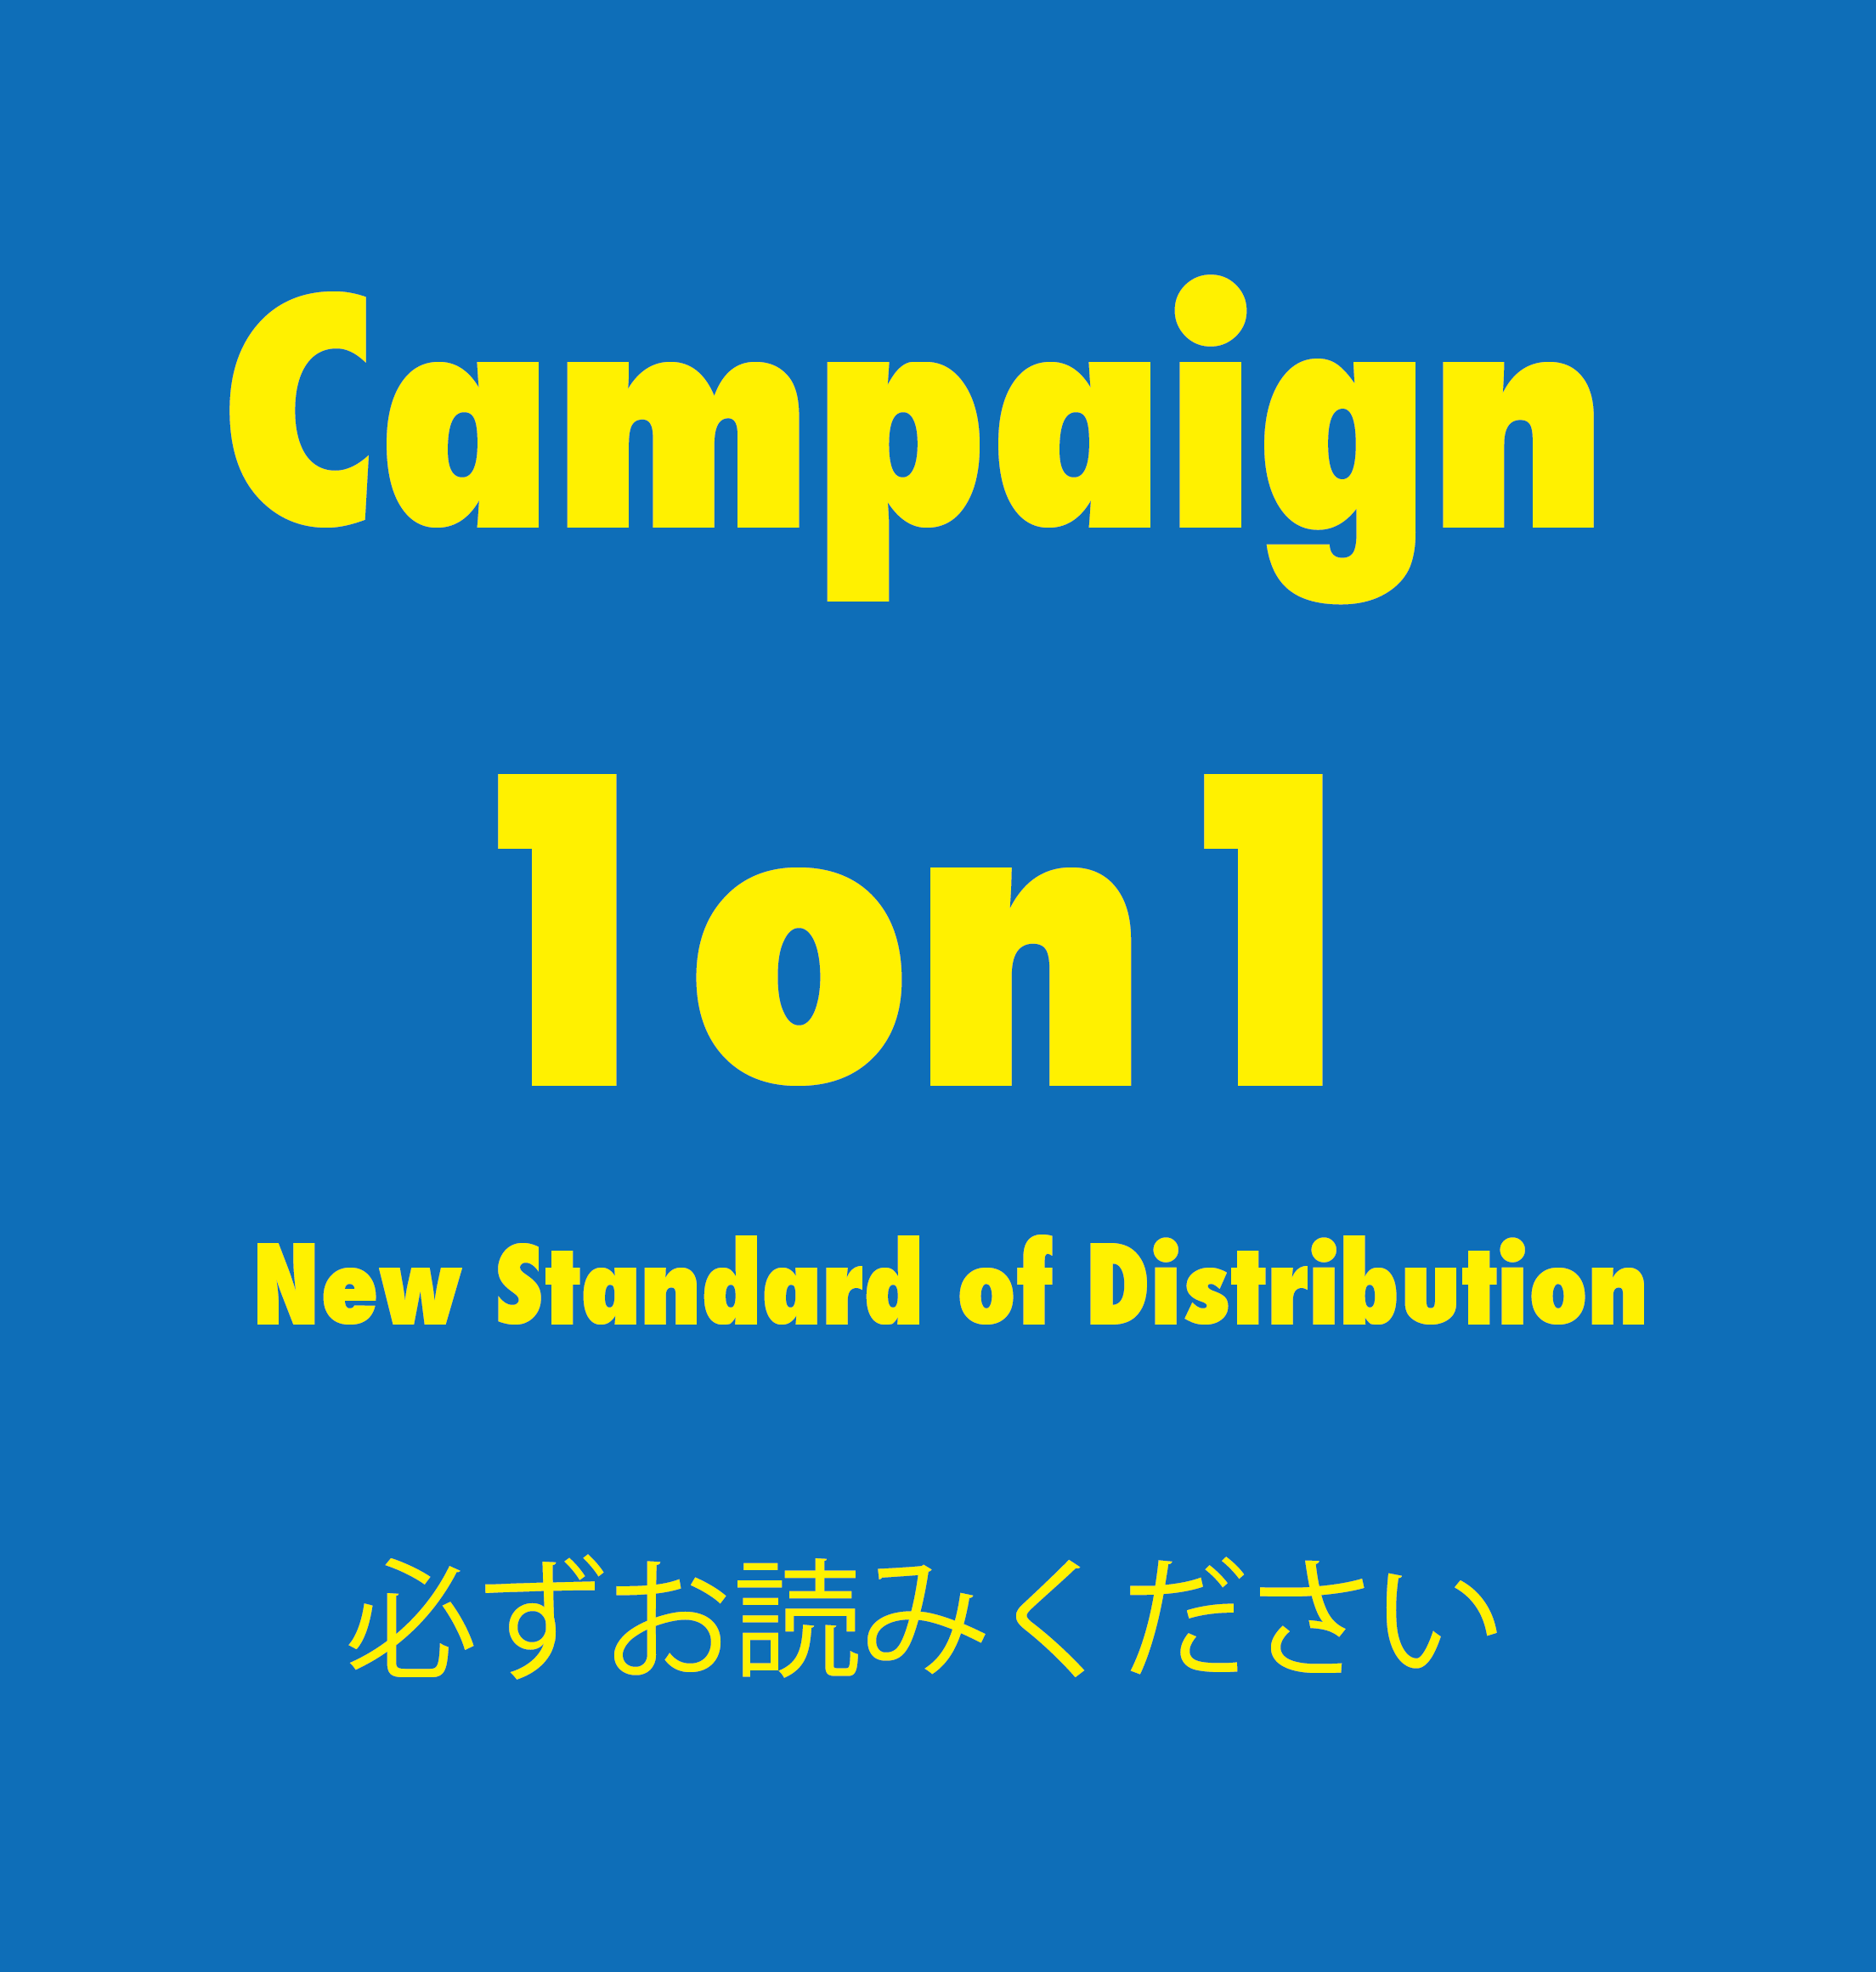 1on1キャンペーン詳細(こちらは商品ではありません)